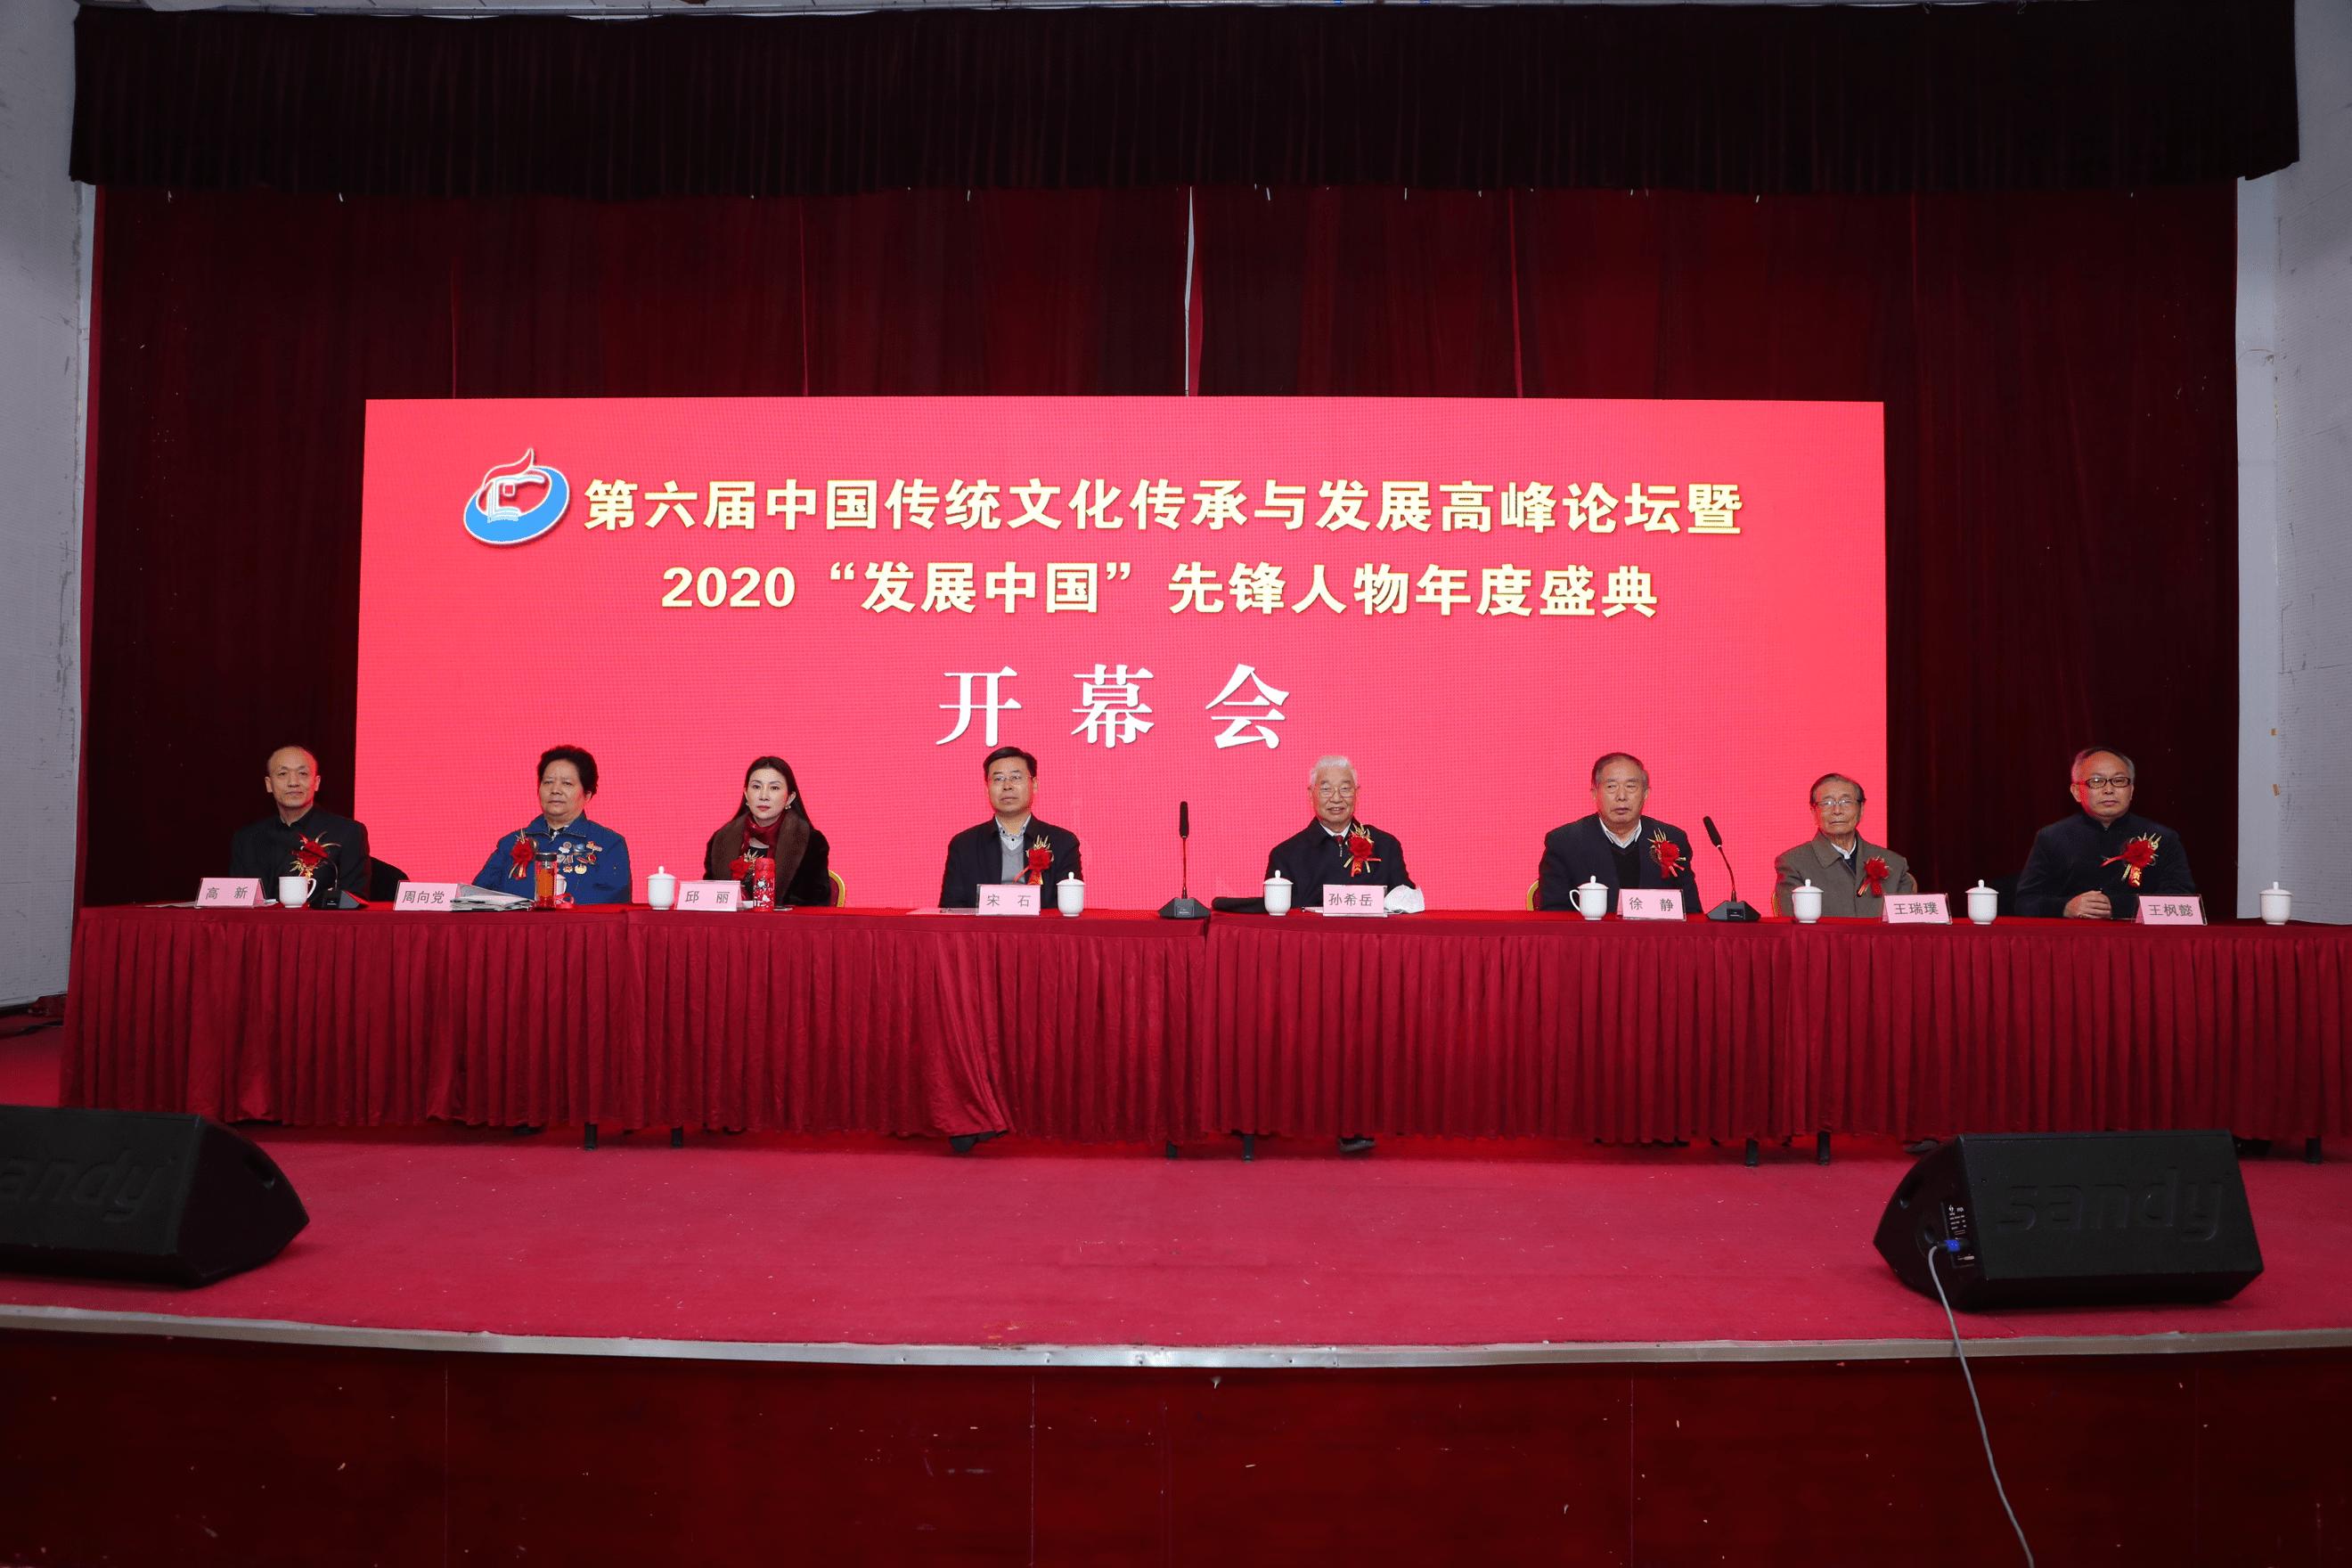 第六届中国传统文化传承与发展